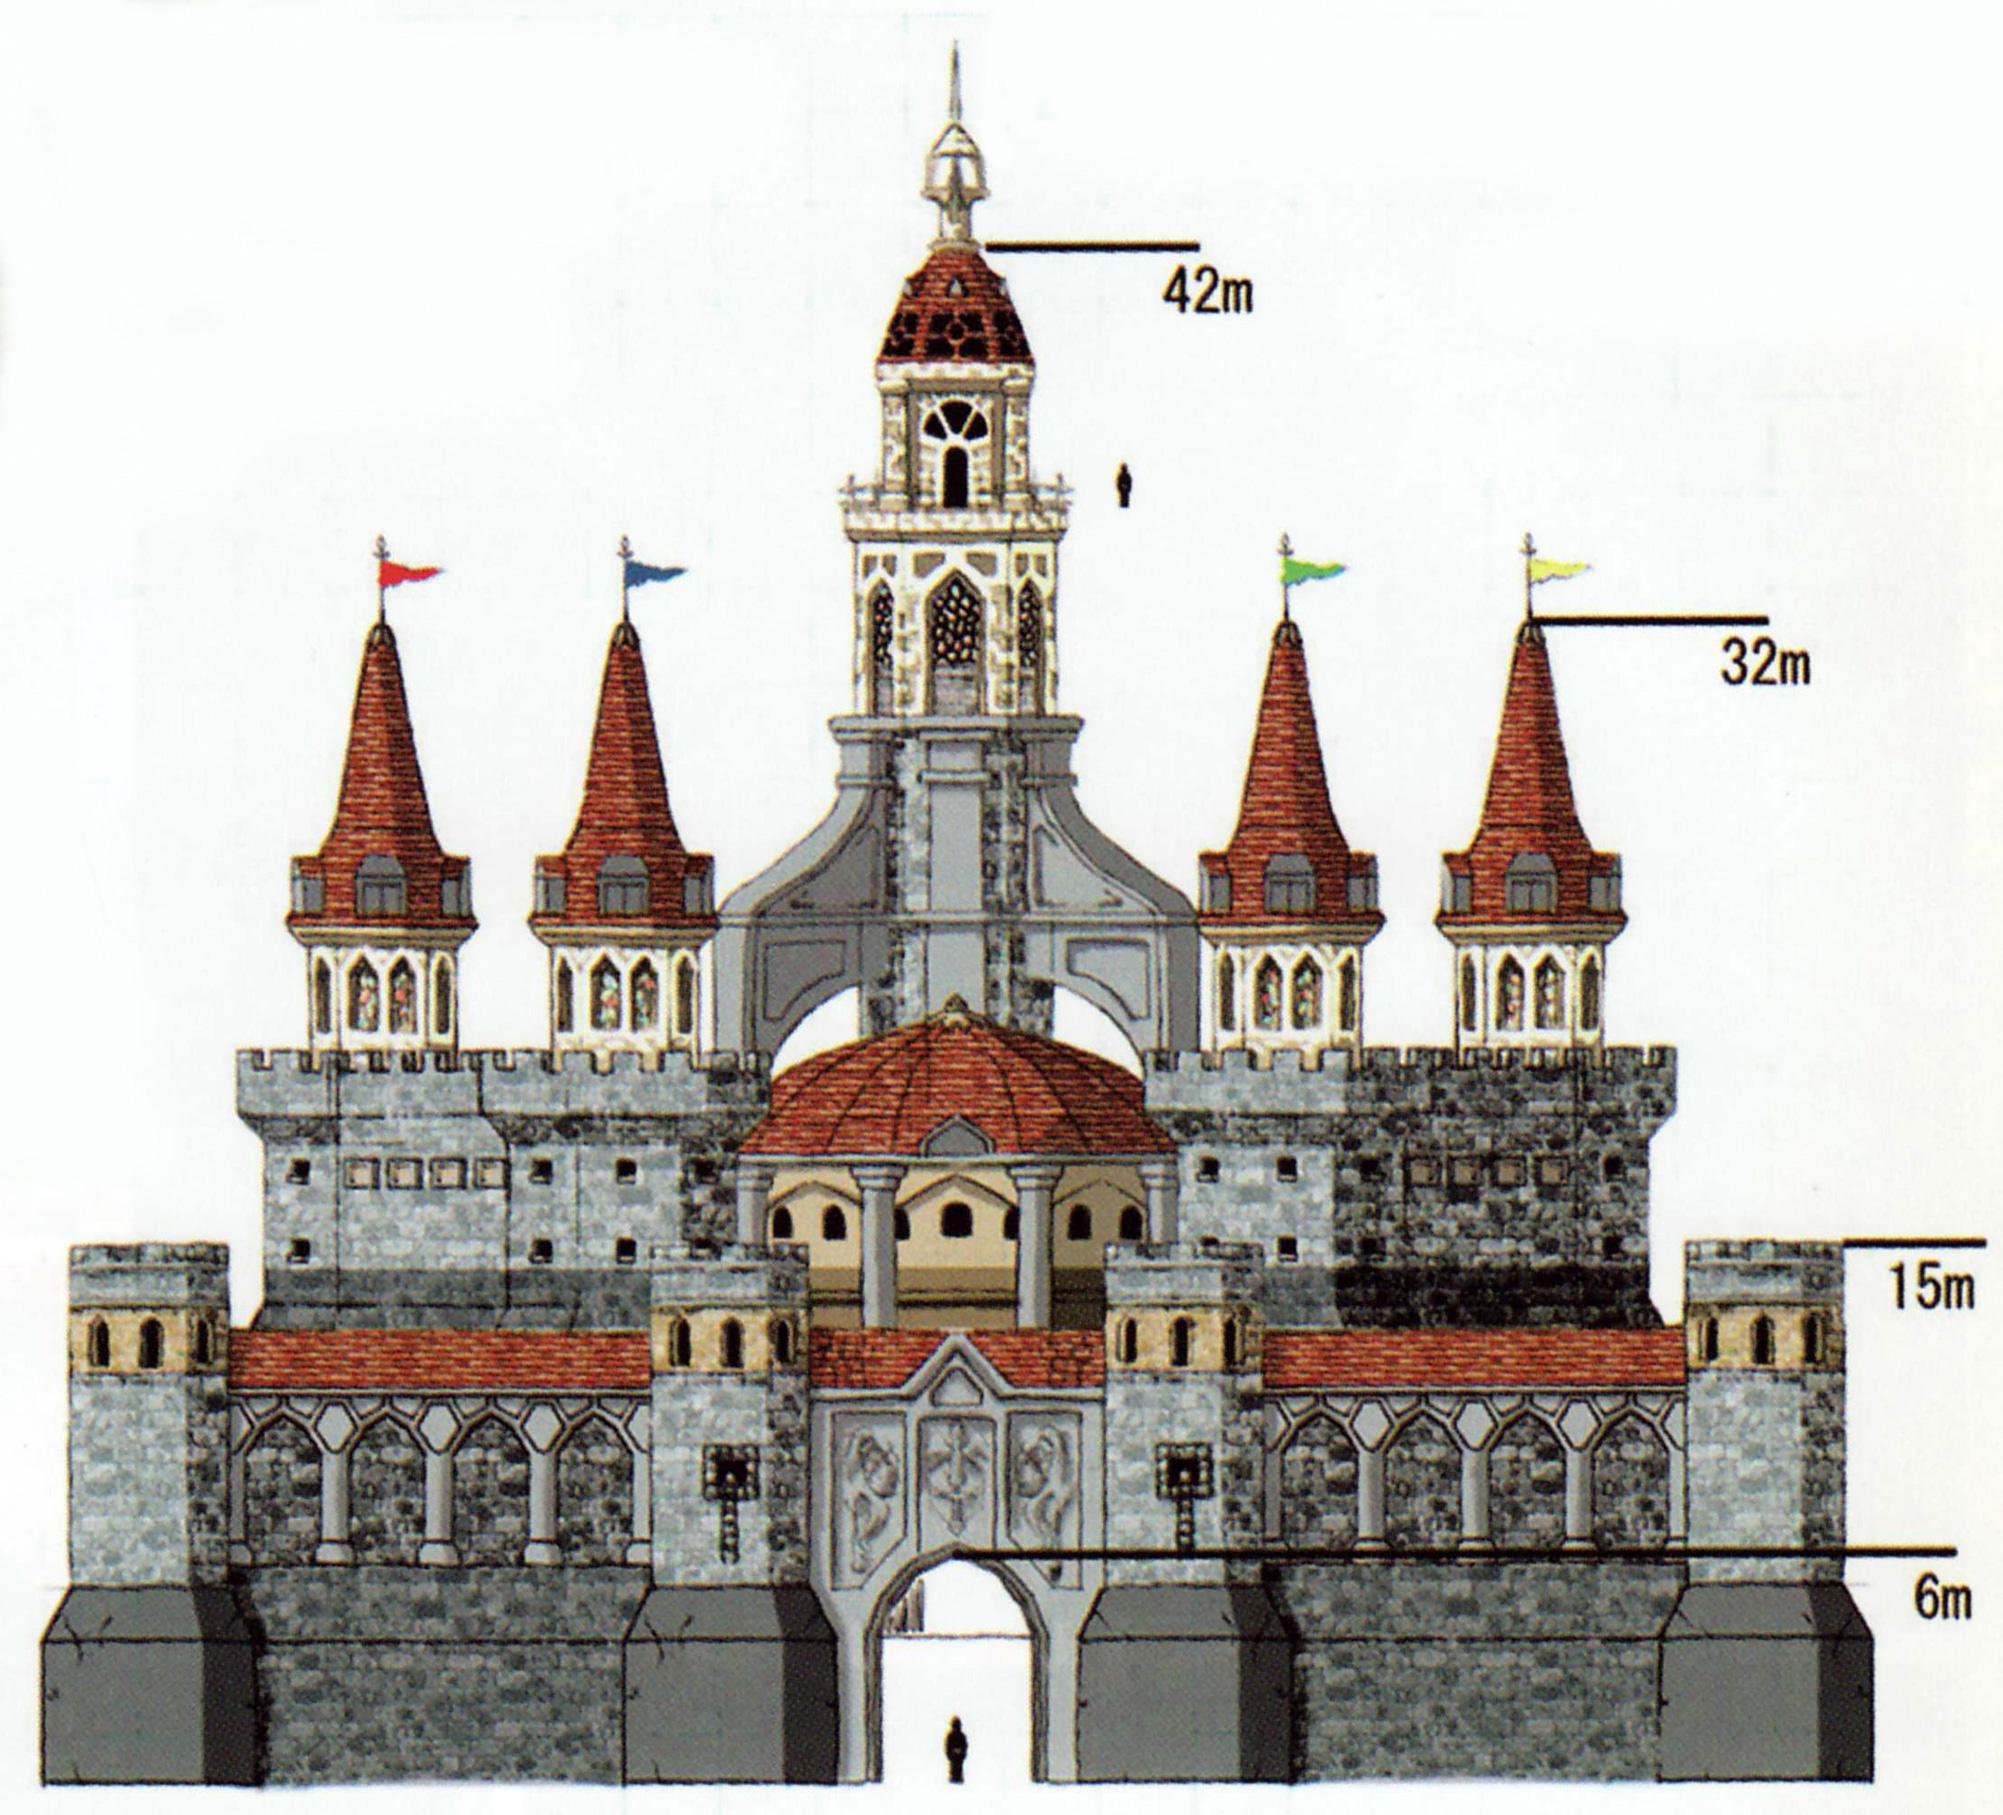 TP Hyrule Castle